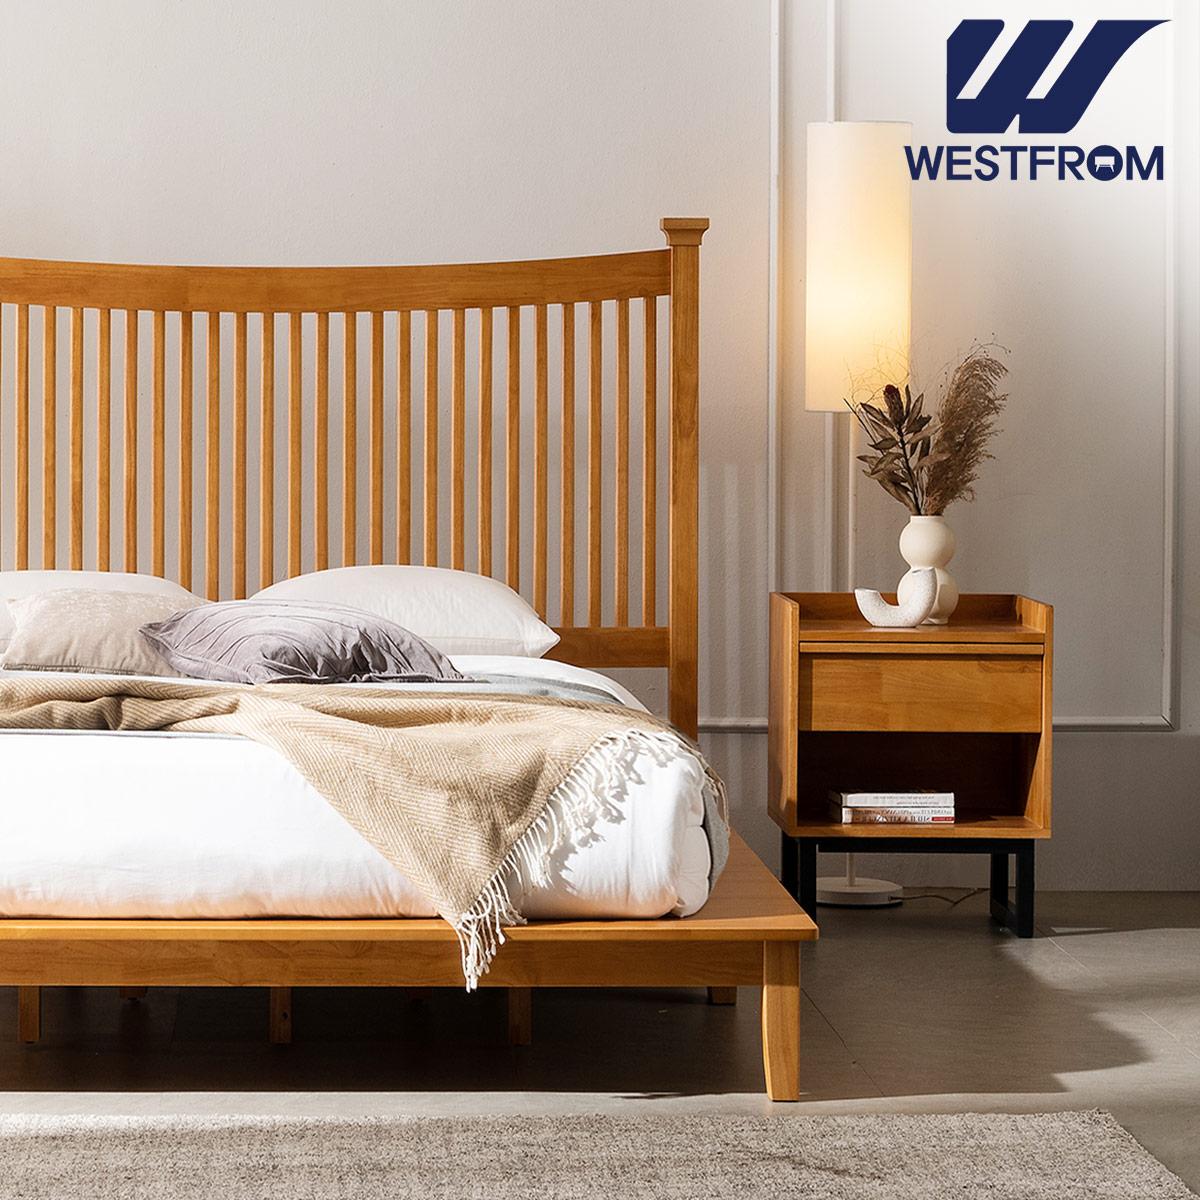 [웨스트프롬] 모던 마가렛) 고무나무원목 평상형 침대(Q,K공용) / 텐더 리버 SS매트리스 / 전국착불